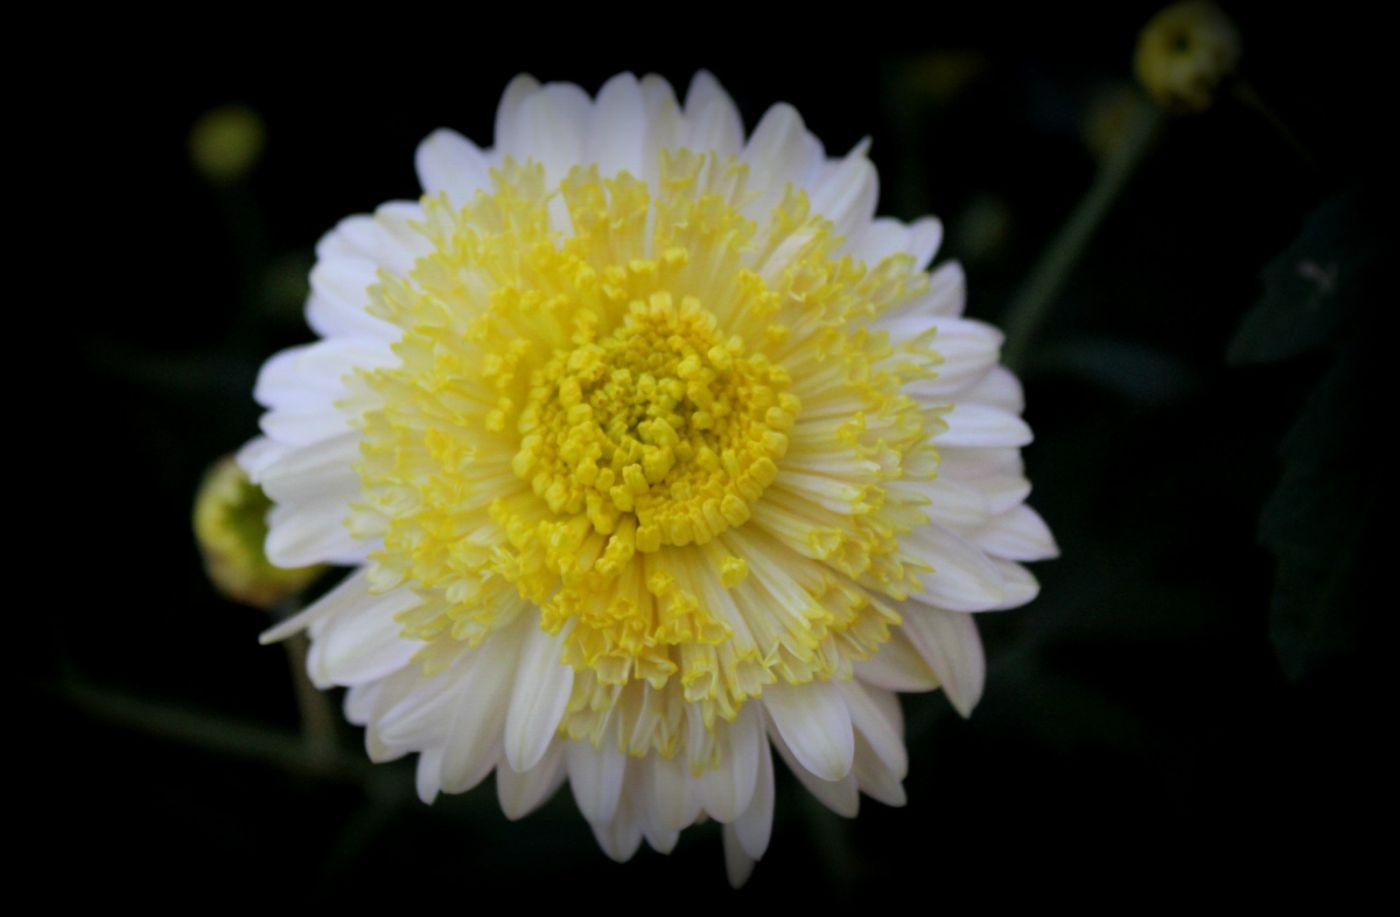 植物园日本菊花展_图1-6